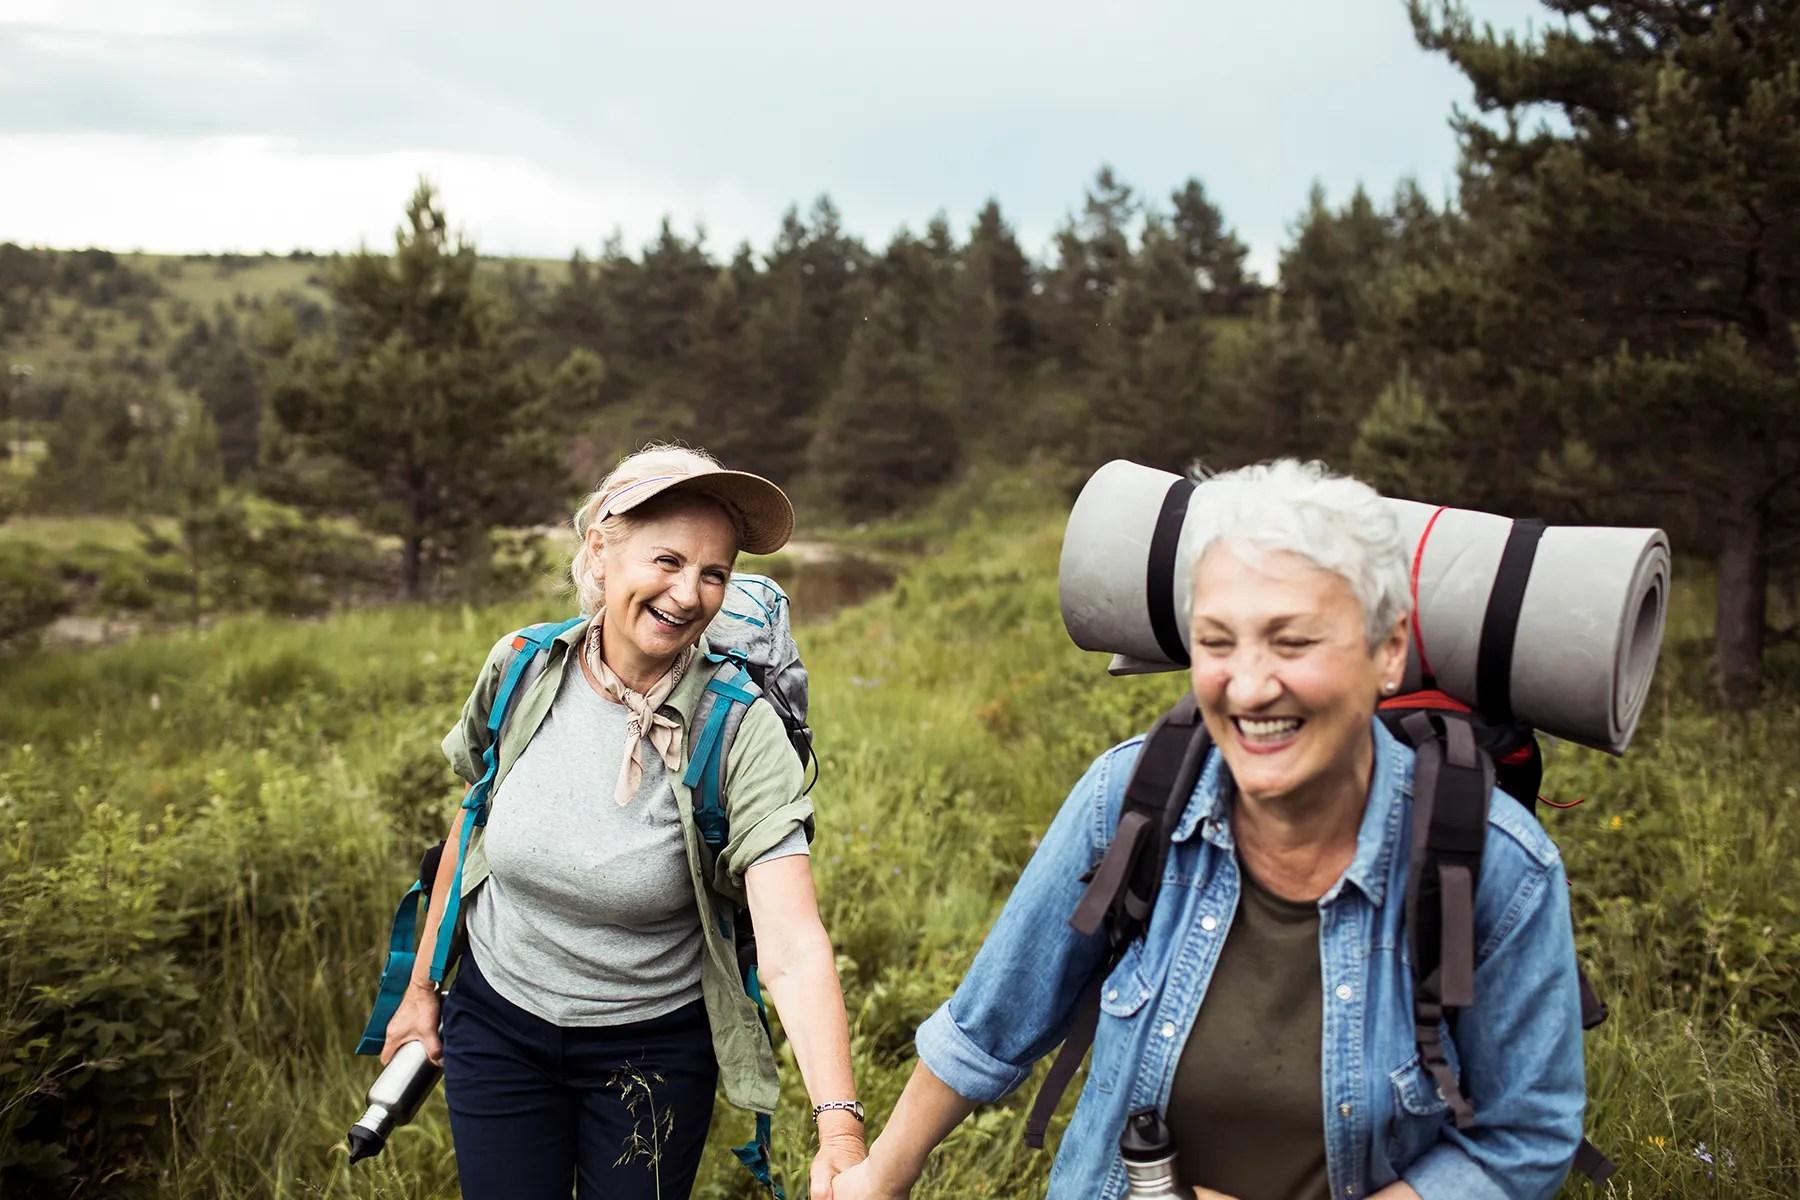 يمكن للمال شراء الأمريكيين حياة أطول: دراسة